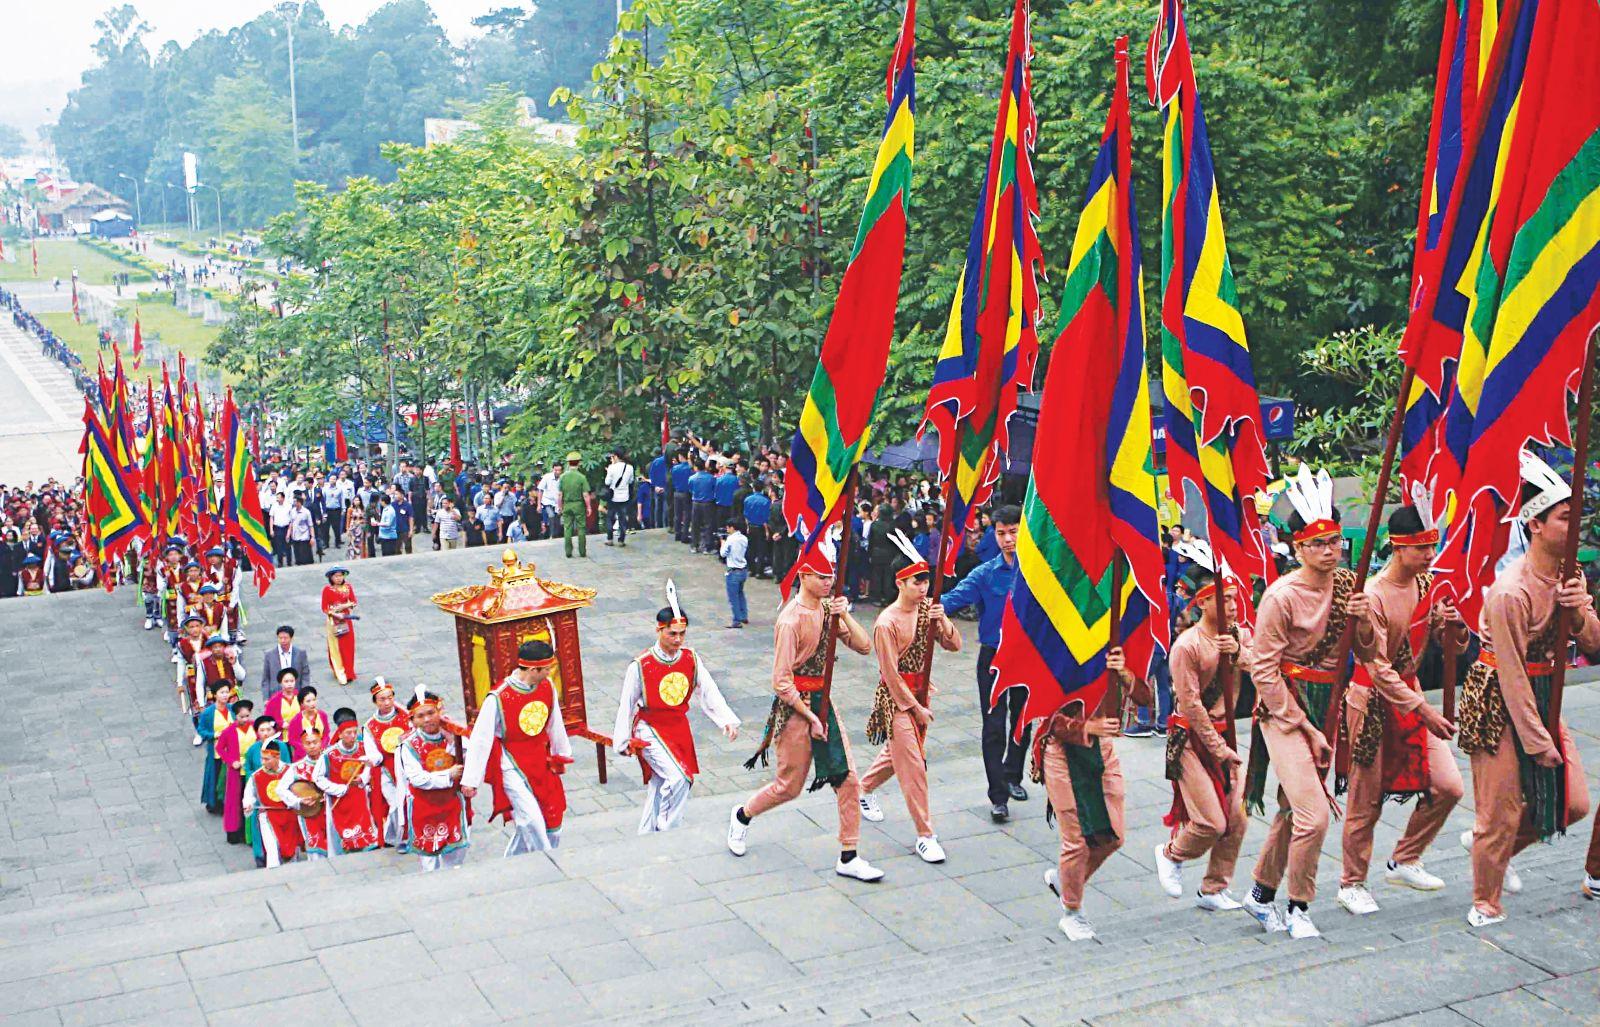 Những hình ảnh thể hiện lòng yêu nước của người dự lễ hội đền Hùng